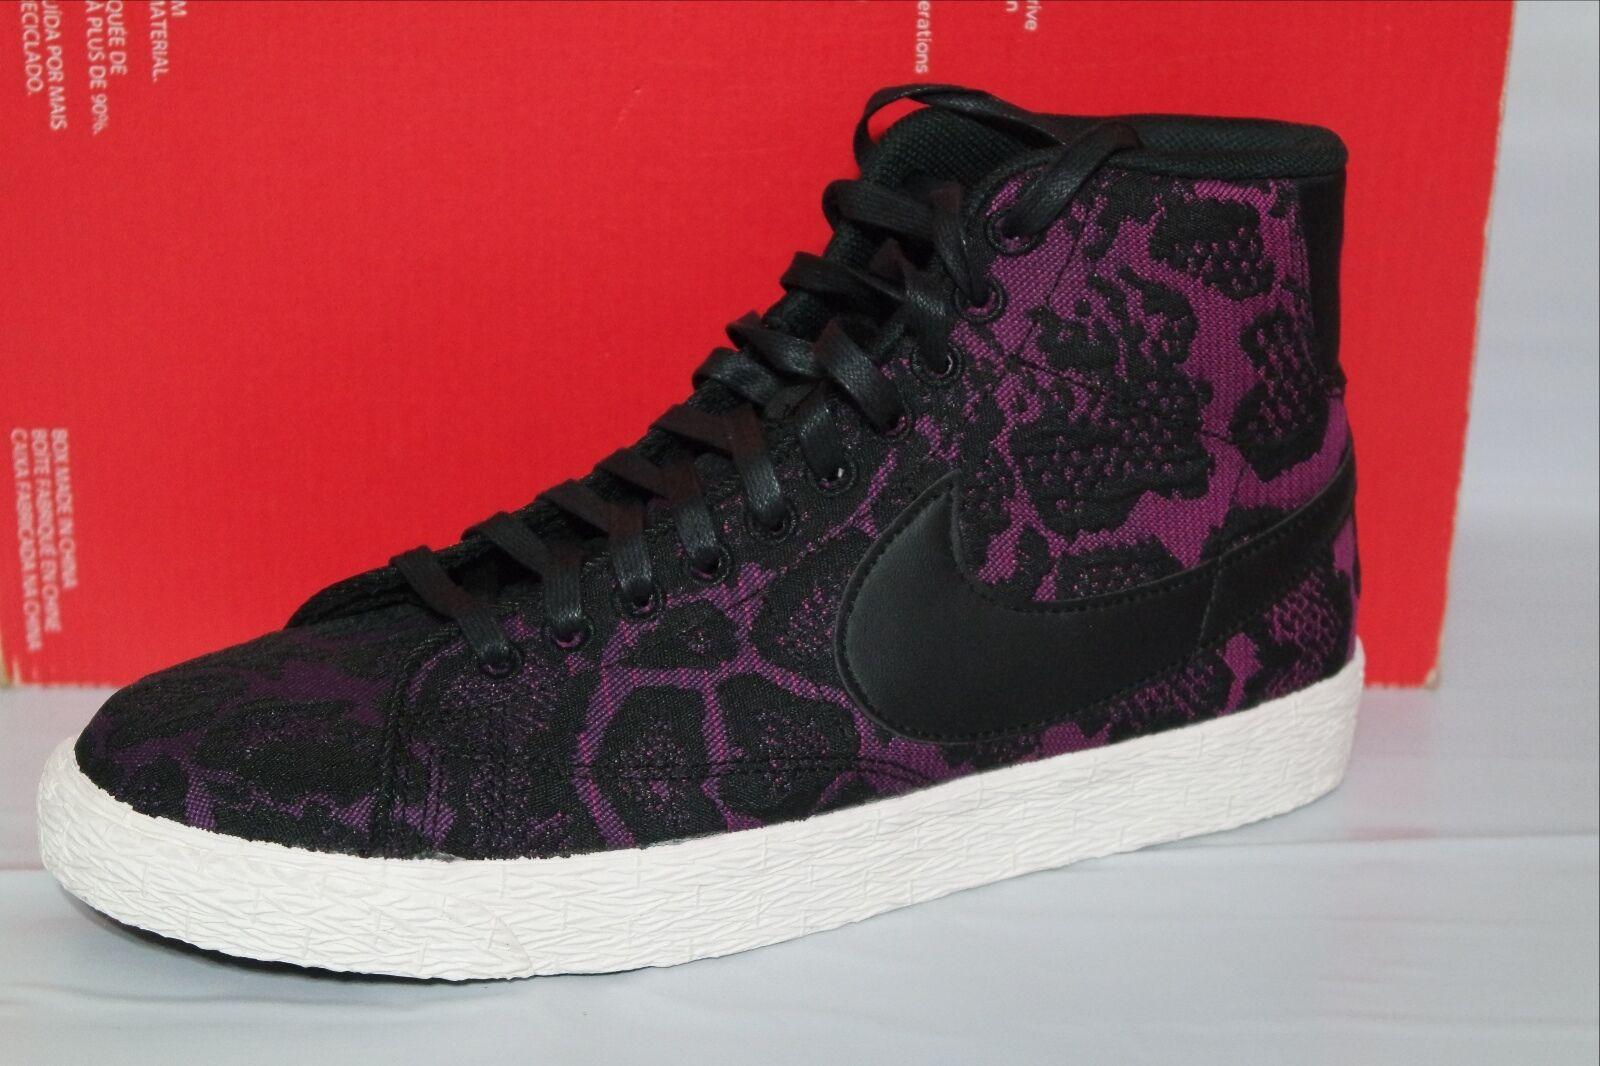 Nike blazer mid jacquard - frauen, größe 6,5, mulberry / schwarz, 749522 500